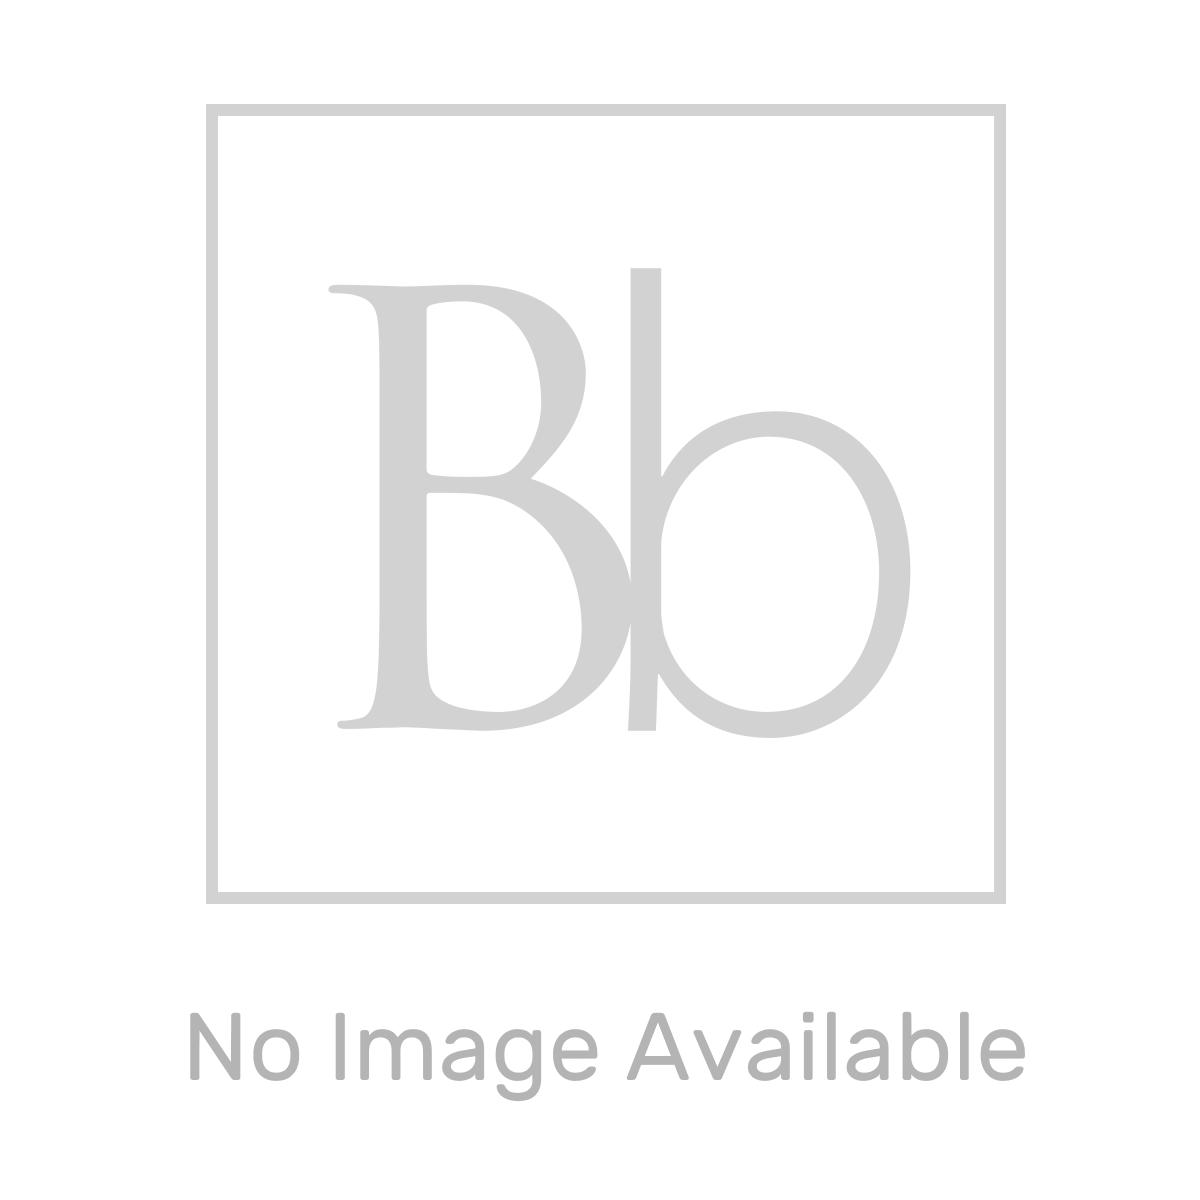 Premier High Gloss White Laundry Basket Open